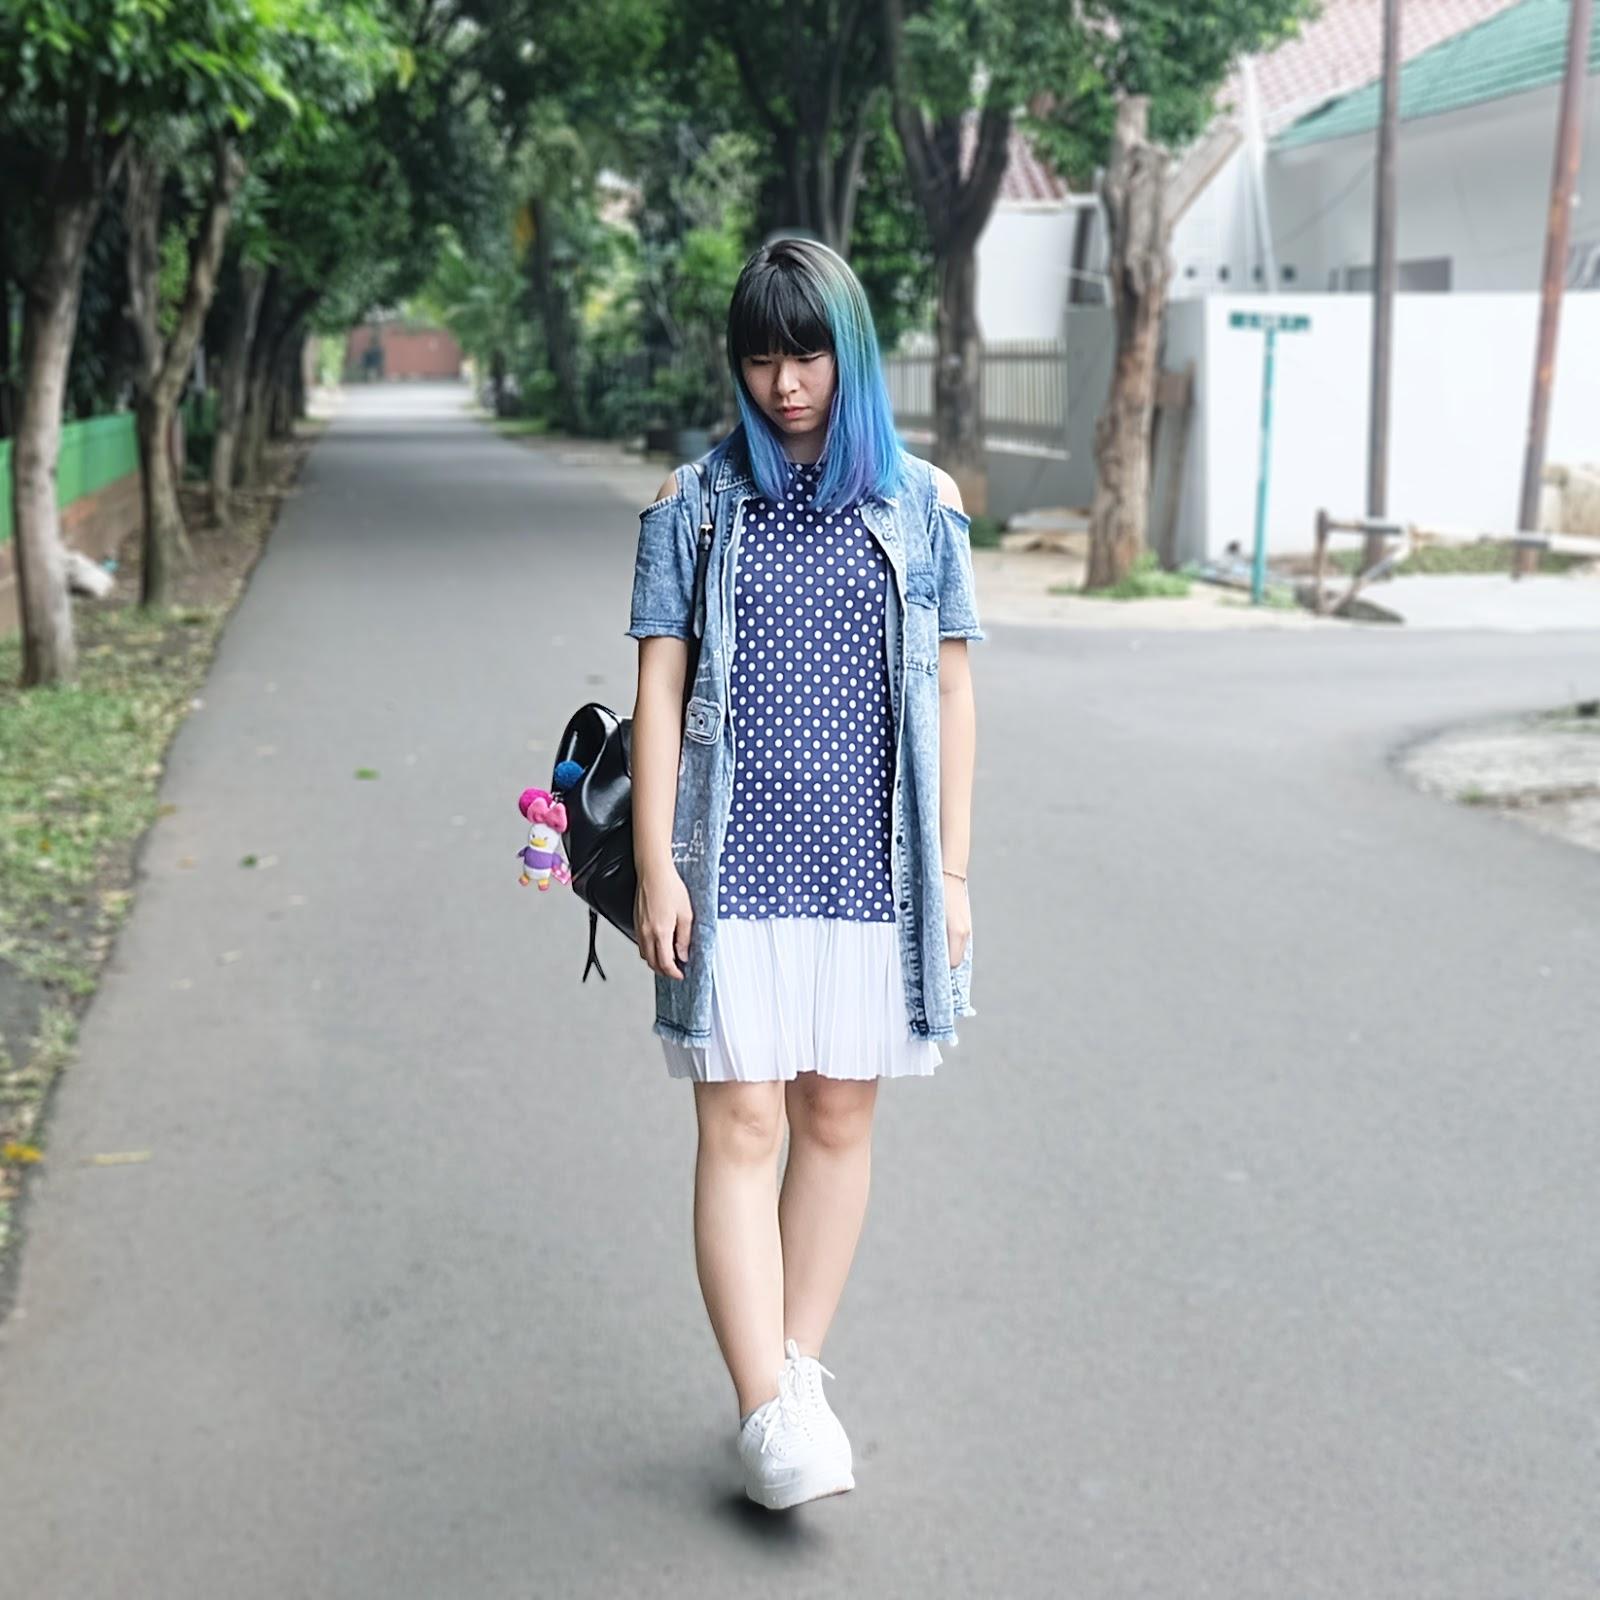 bluish outfit | www.bigdreamerblog.com